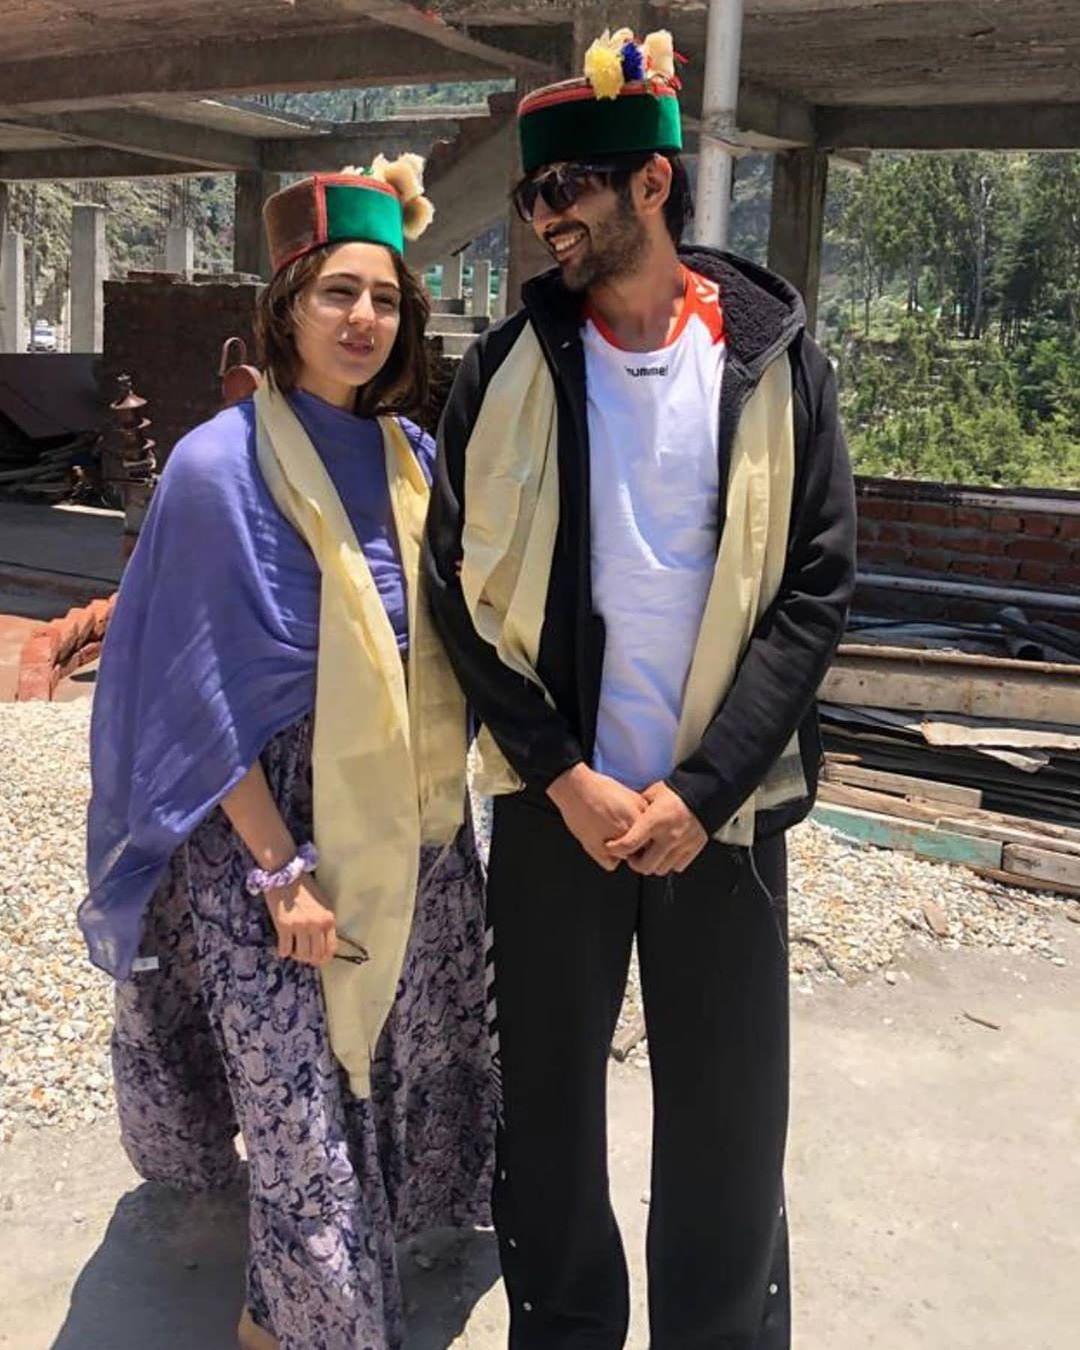 Love Aaj Kal 2: सारा अली खान और कार्तिक आर्यन हिमाचल की हसीन वादियों में शूटिंग के बाद एक दूसरे के साथ बिता रहे हैं कॉजी पल